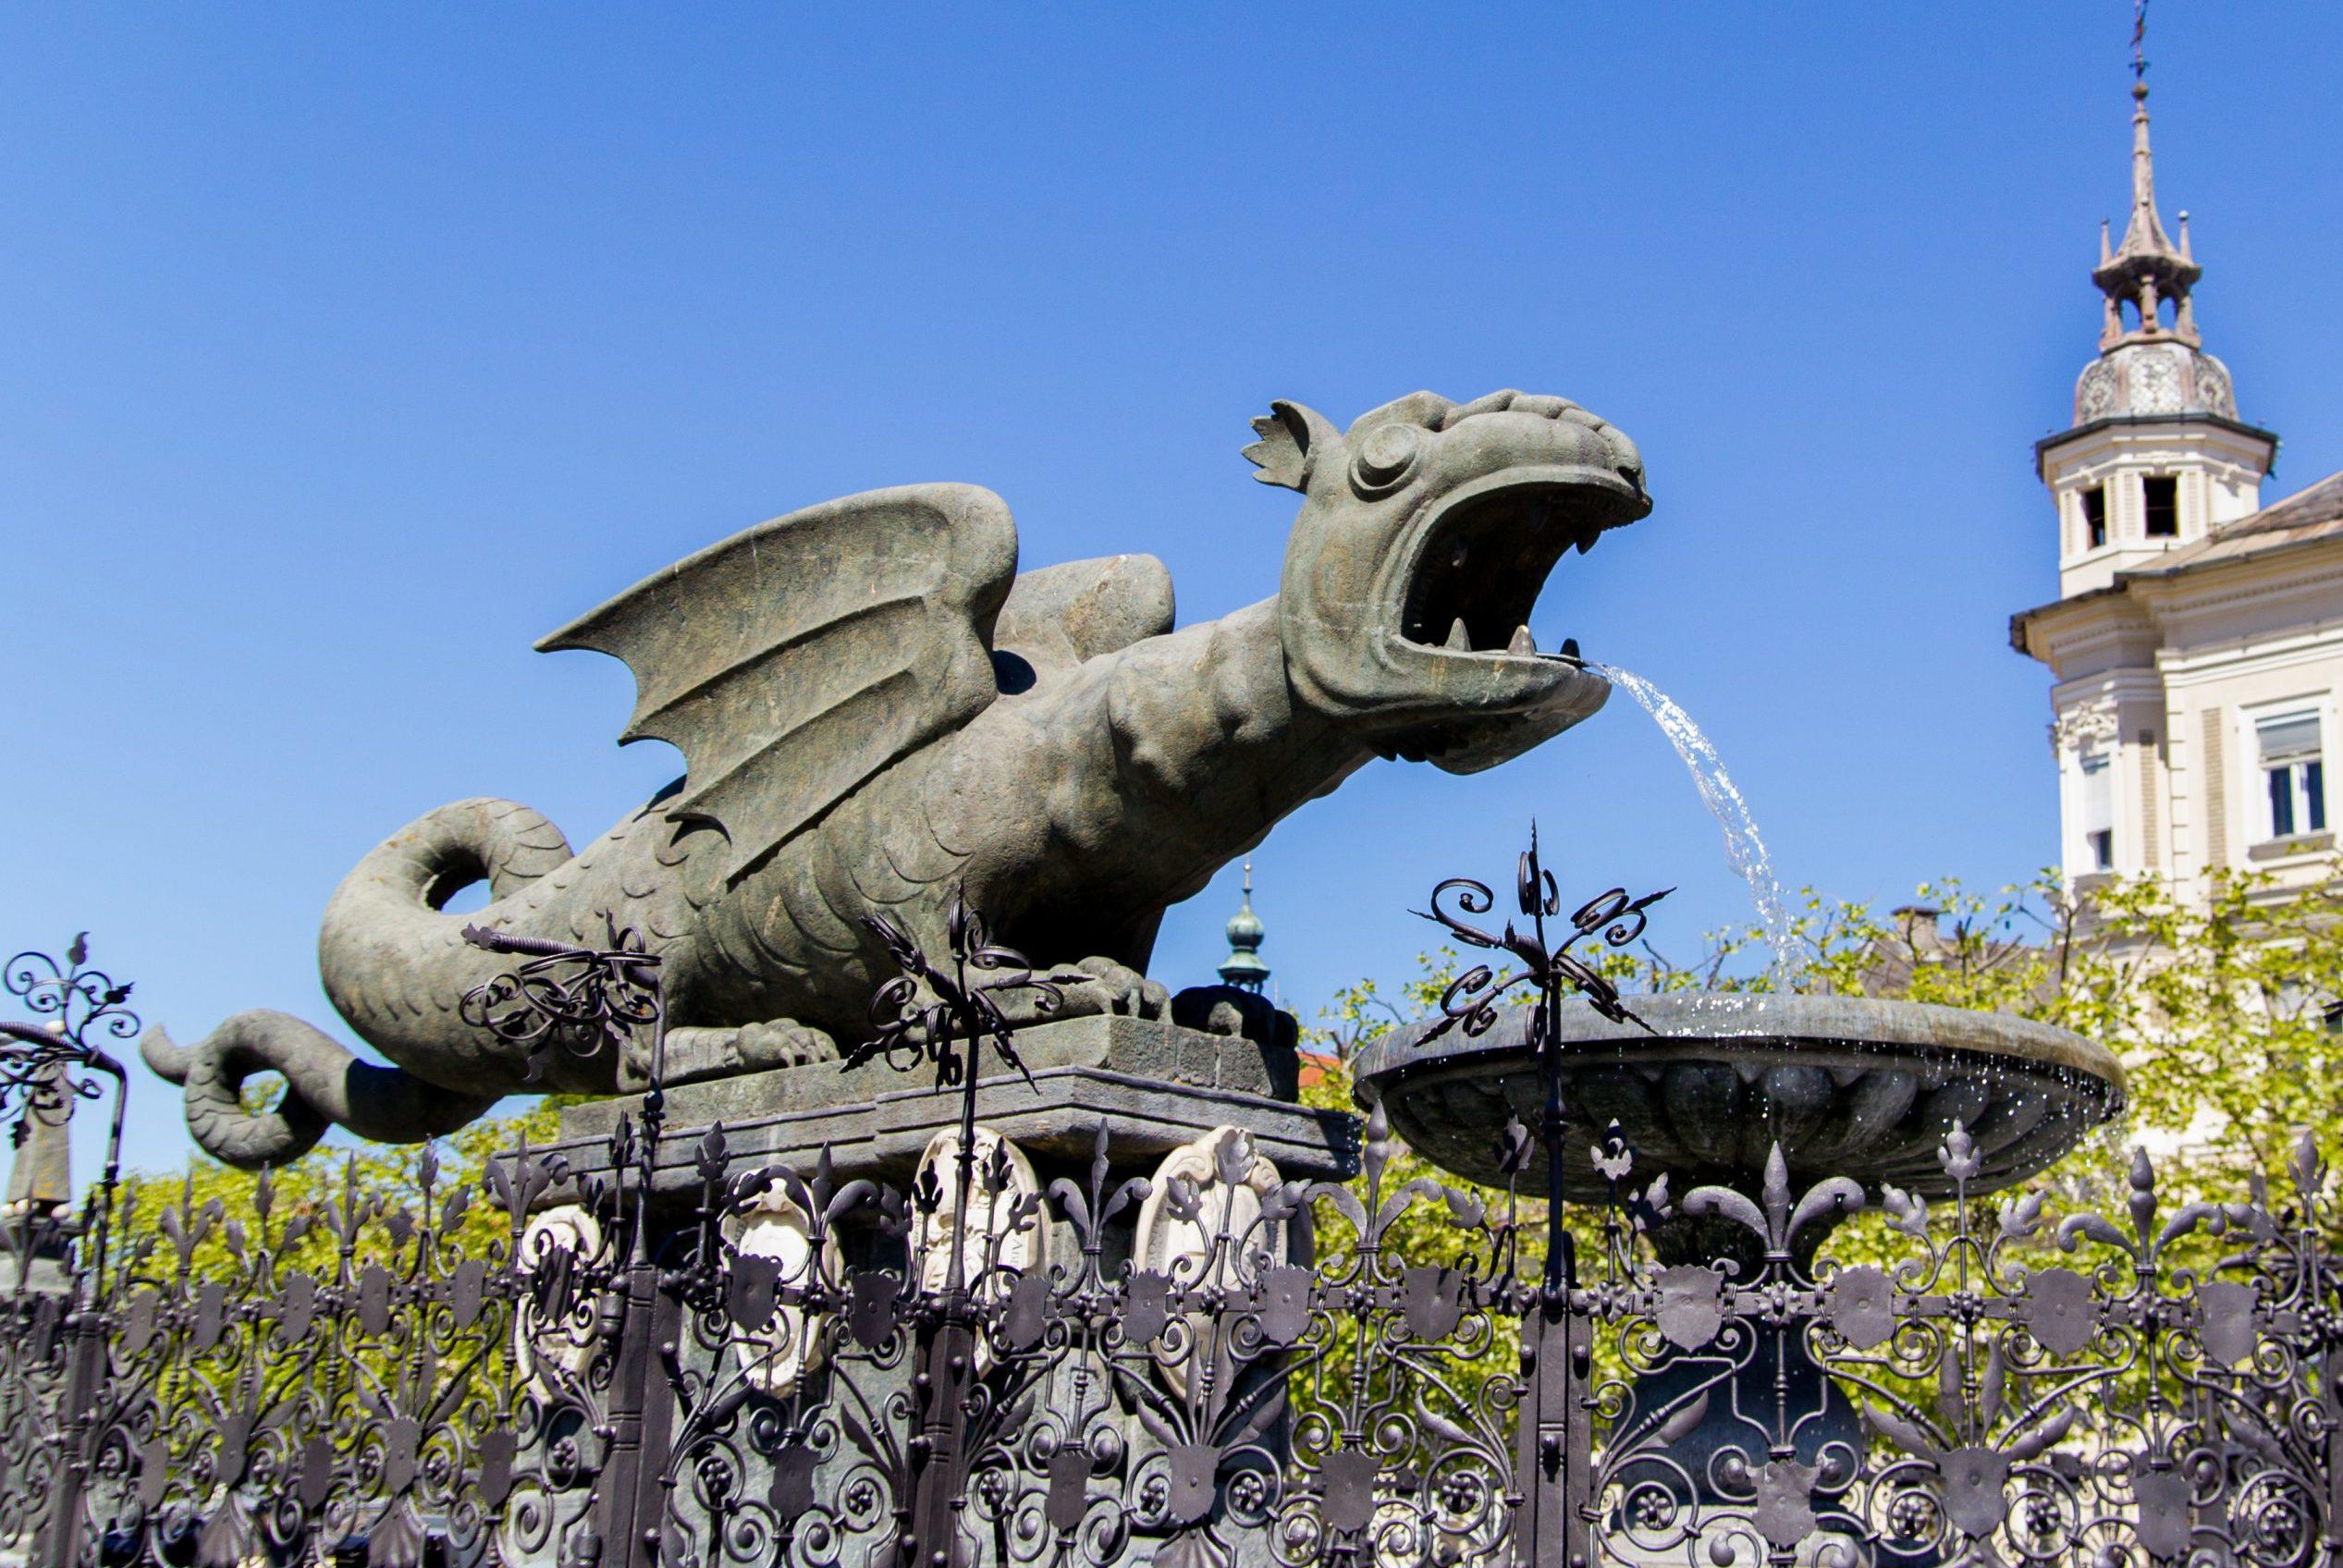 Visite à vélo du monument de Klagenfurt - le Lindwurmbrunnen